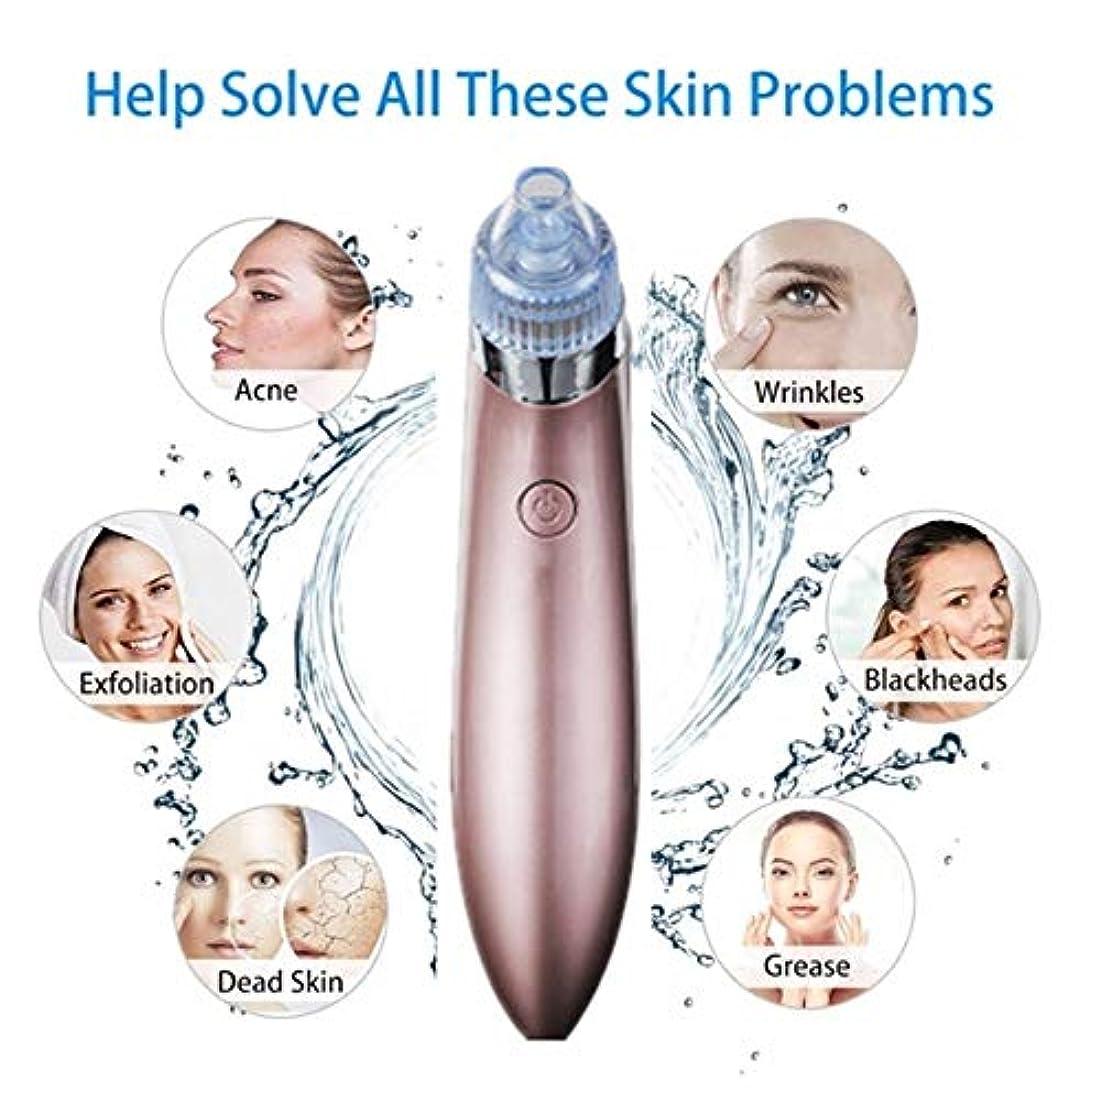 こねる公式想像する2調節可能な強度を持つブラックヘッドリムーバー毛穴バキュームUSB充電式毛穴の黒ずみ除去ツールハンドマッサージと3交換可能なプローブ女性と男性の顔の皮膚のトリートメント